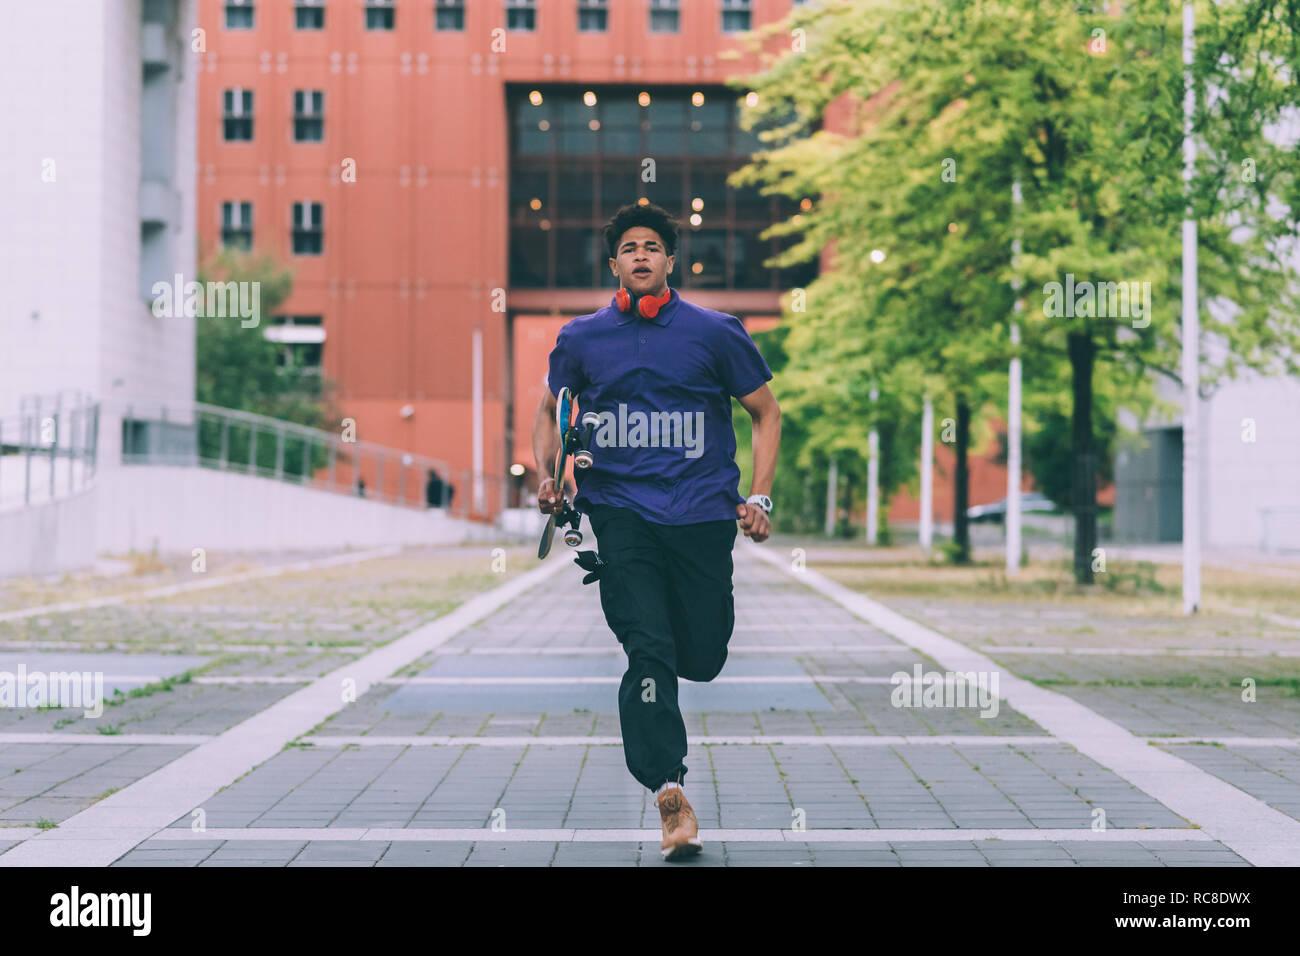 Hombre corriendo, Milan, Italia. Foto de stock